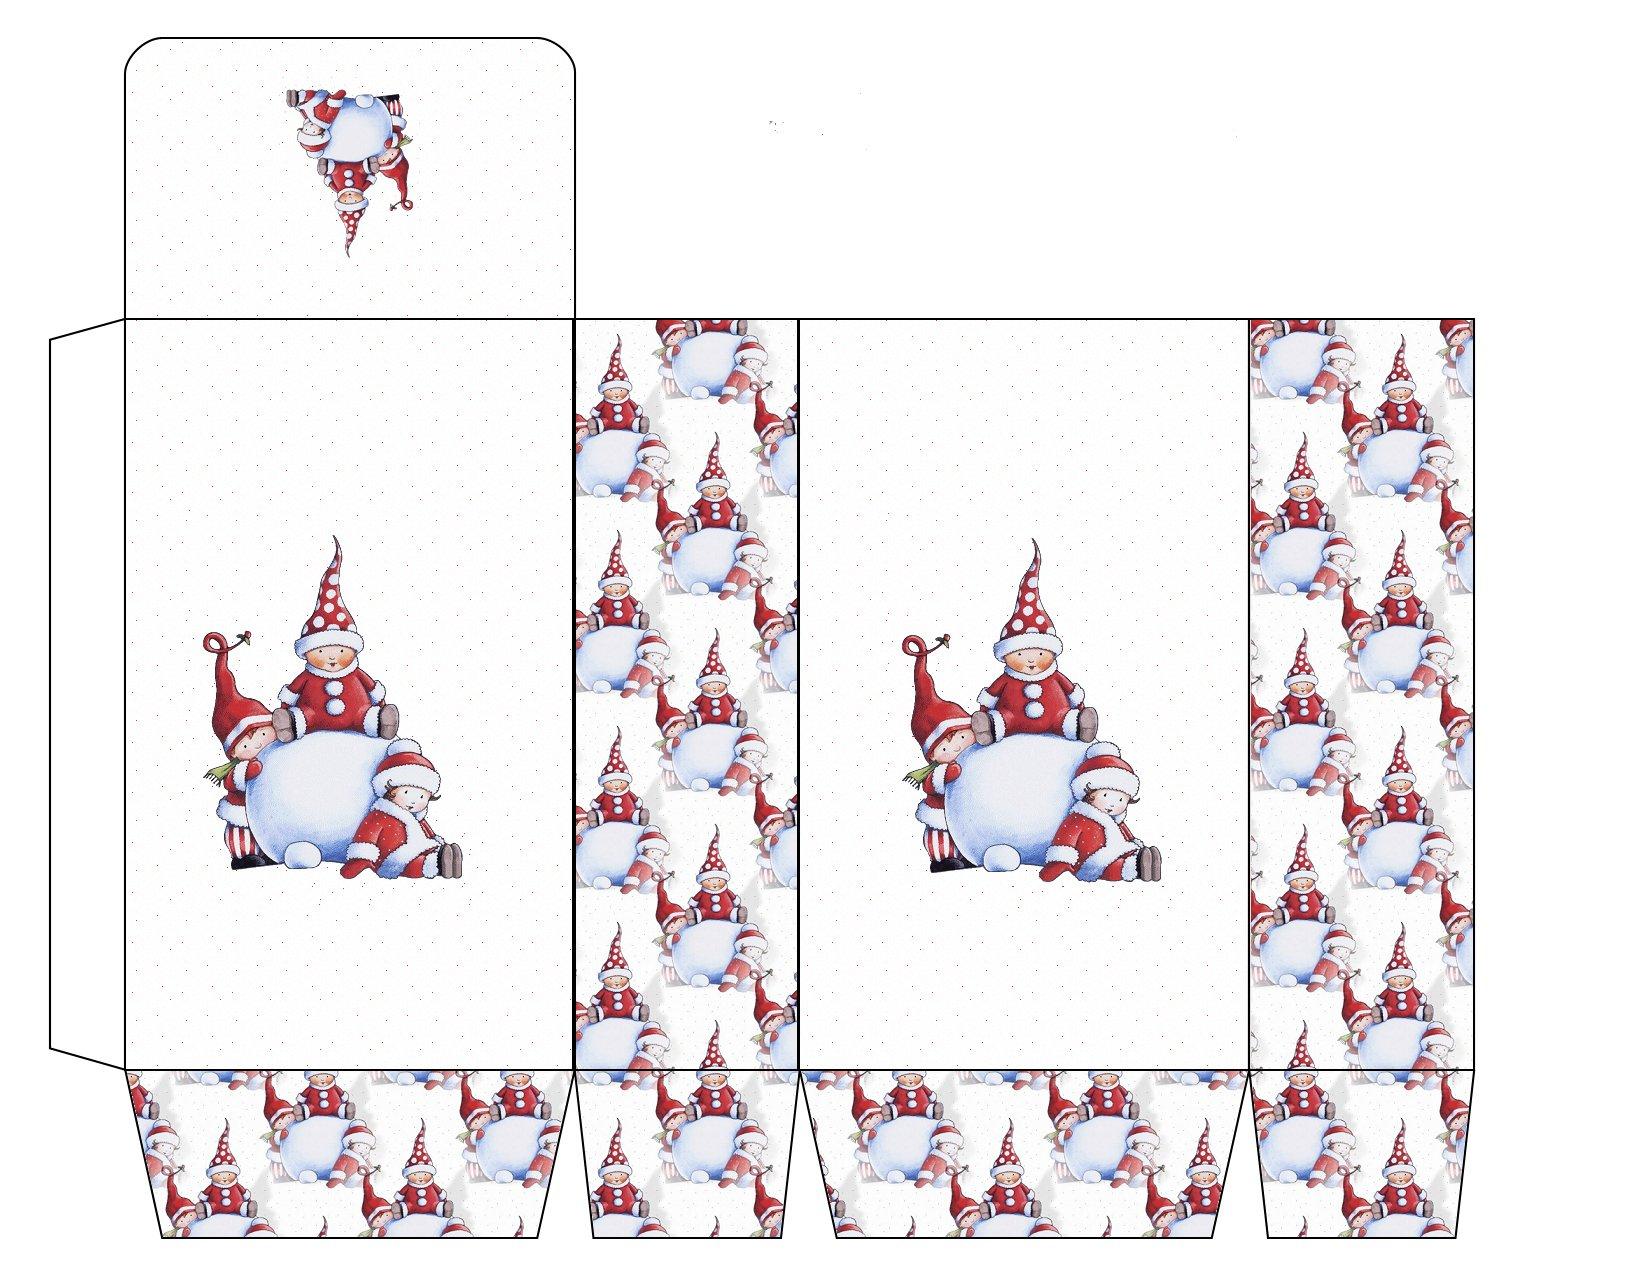 Boîtes Cadeaux Pour Les Fêtes - Mes Goûts Et Mes Couleurs concernant Boite De Noel A Imprimer